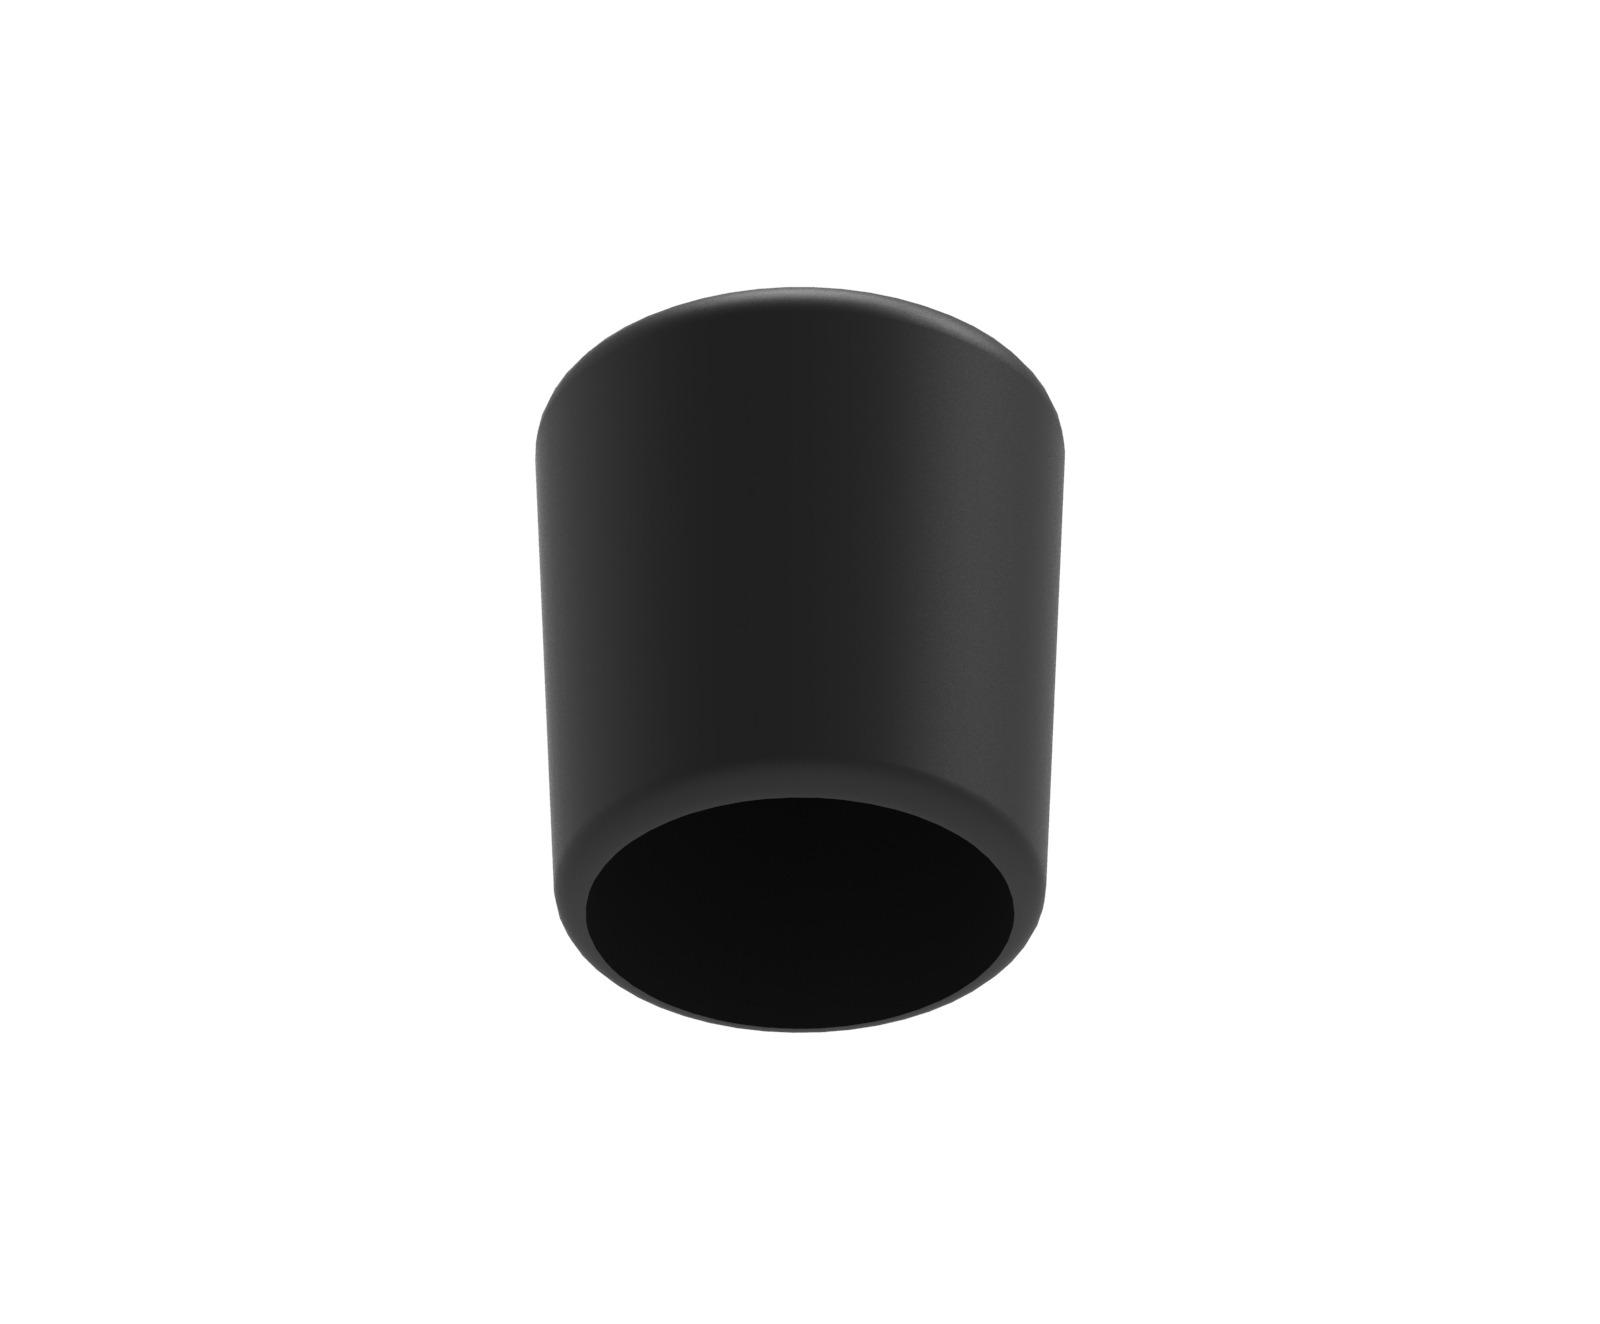 External round cap